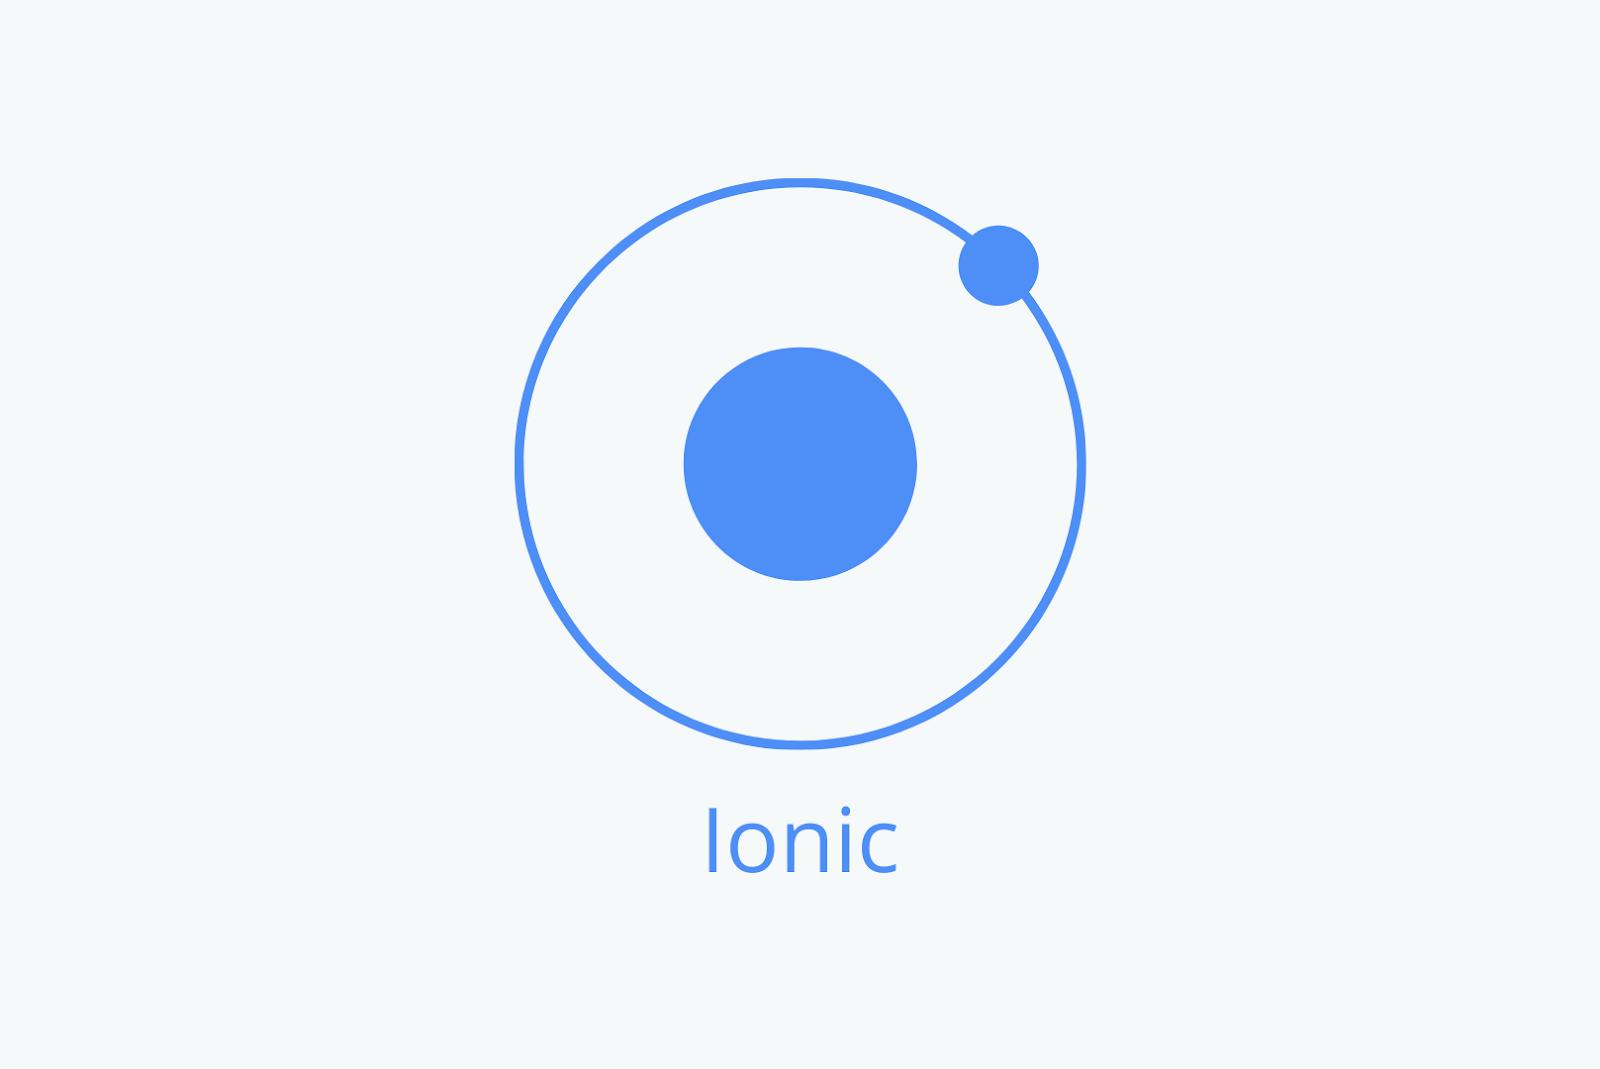 Ionic mobile app development framework